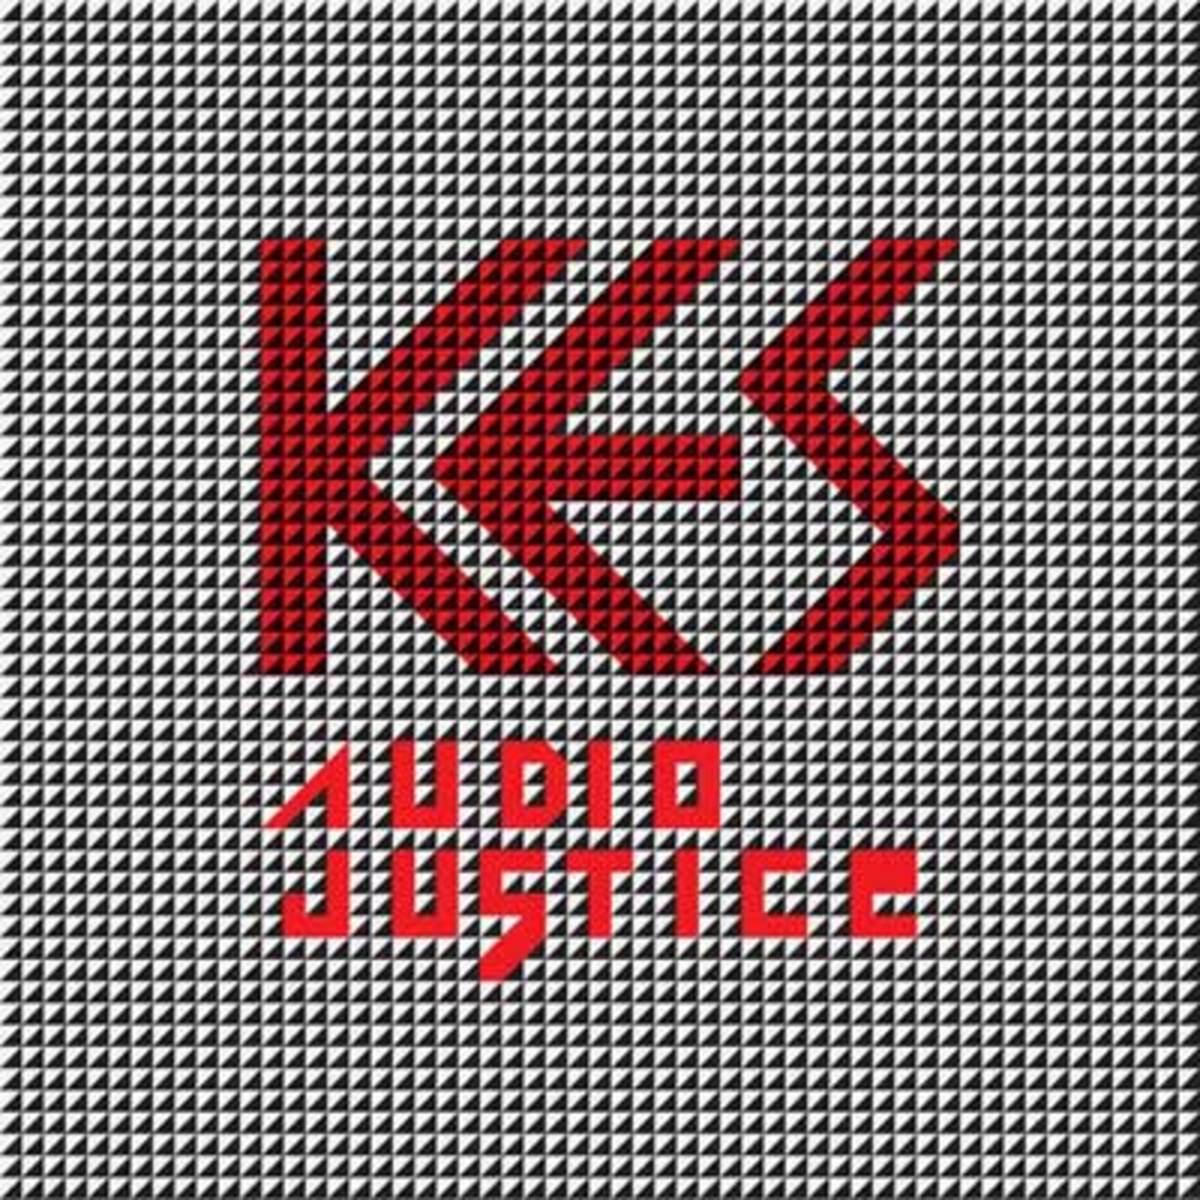 kes-audiojustice.jpg